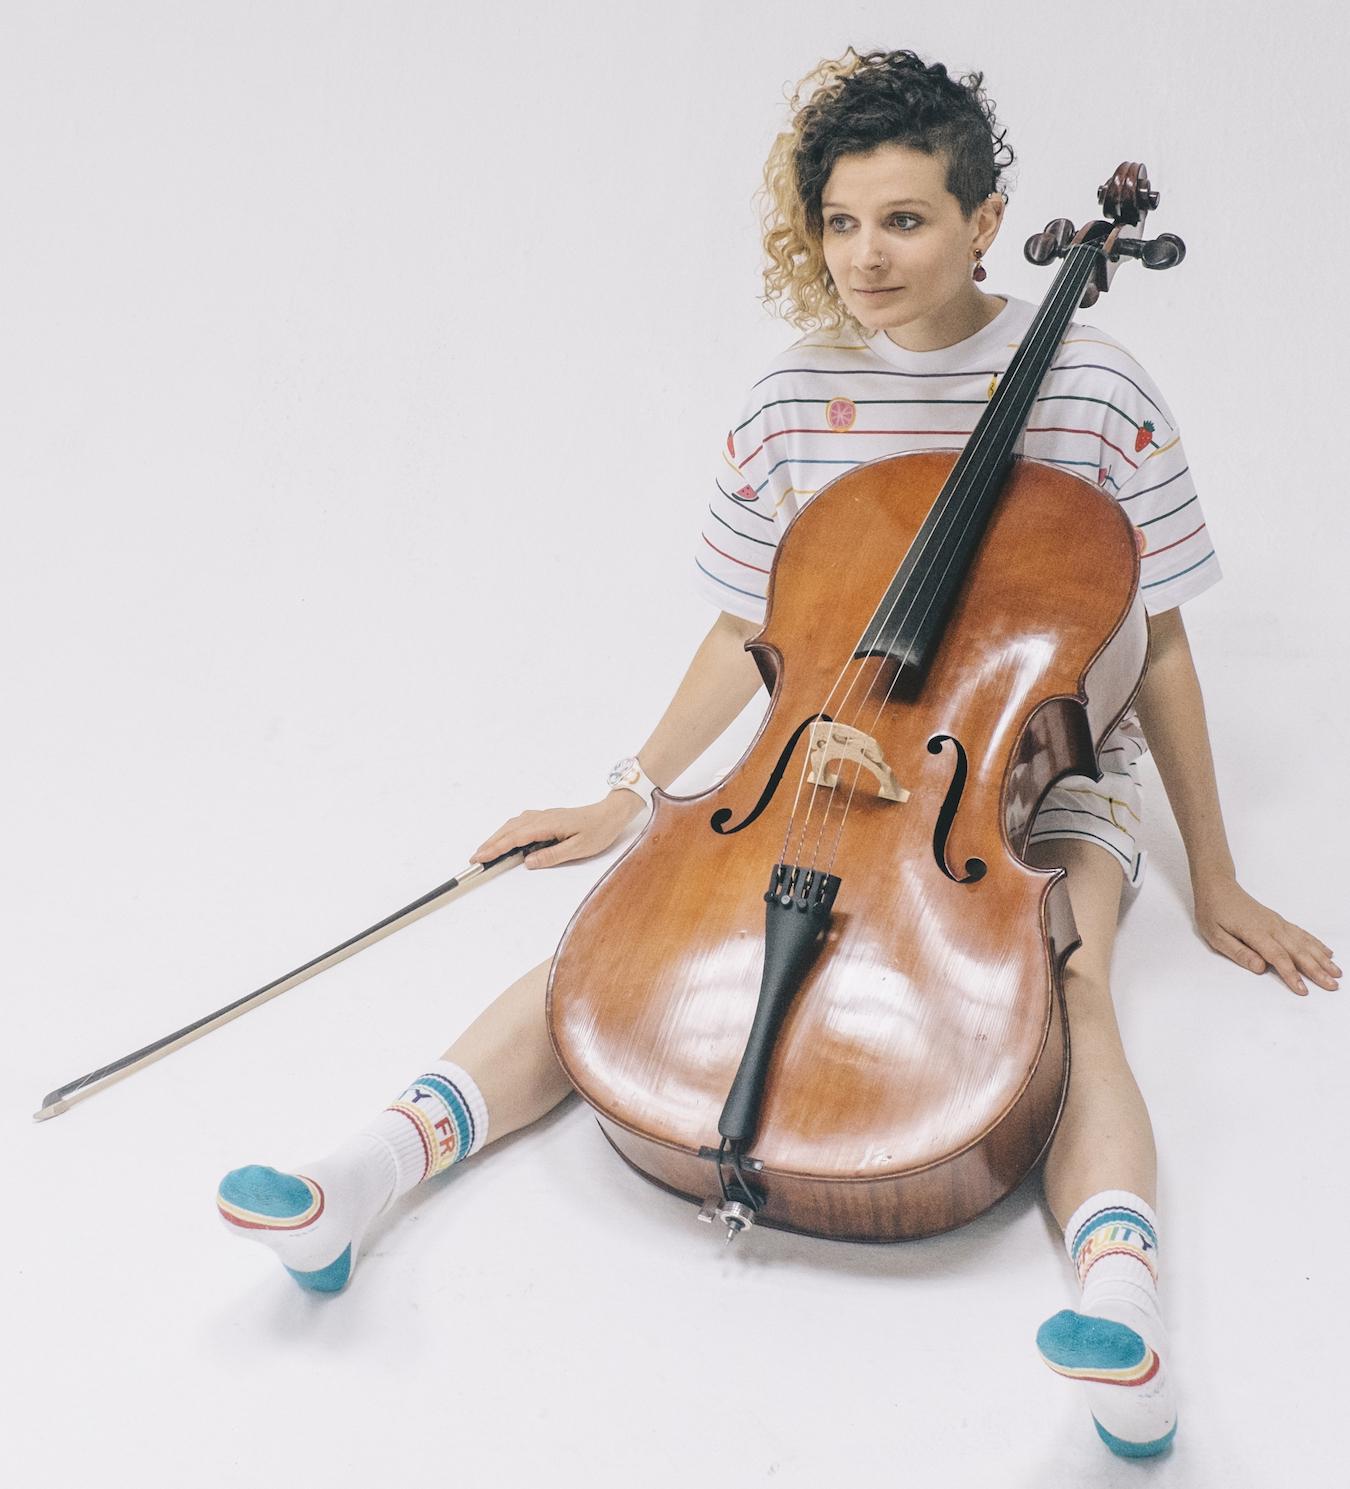 cello06.jpg